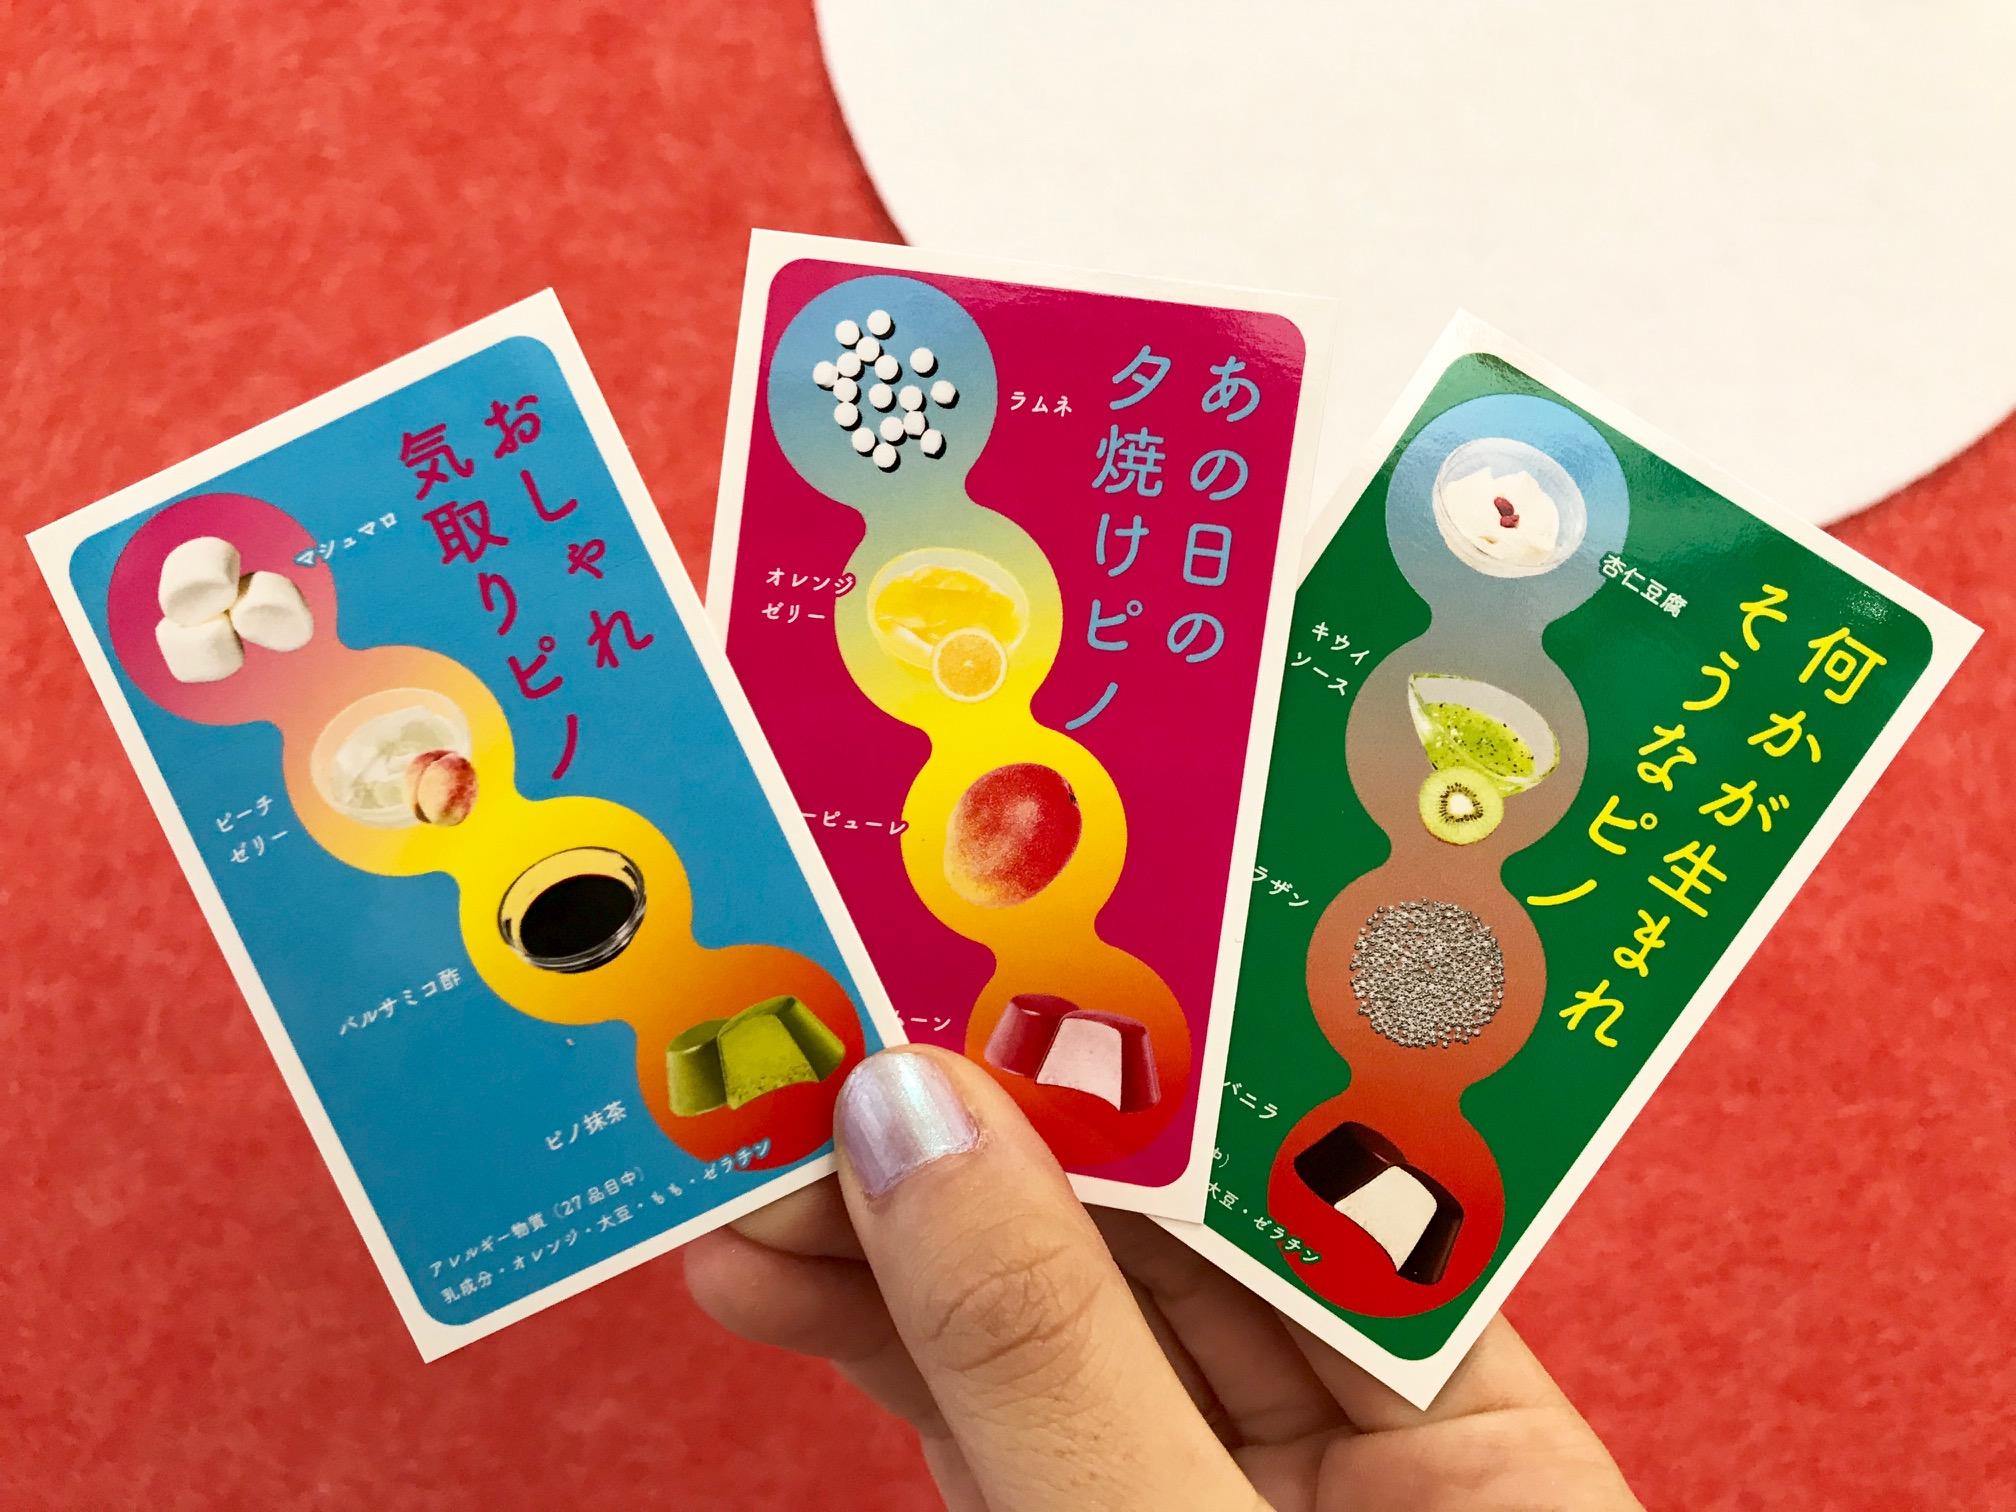 タピオカと「ピノ」を一緒に食べる!? 「ピノ」の未知の美味しさを楽しむ「CRAZYpino STUDIO」Photo Gallery_1_8